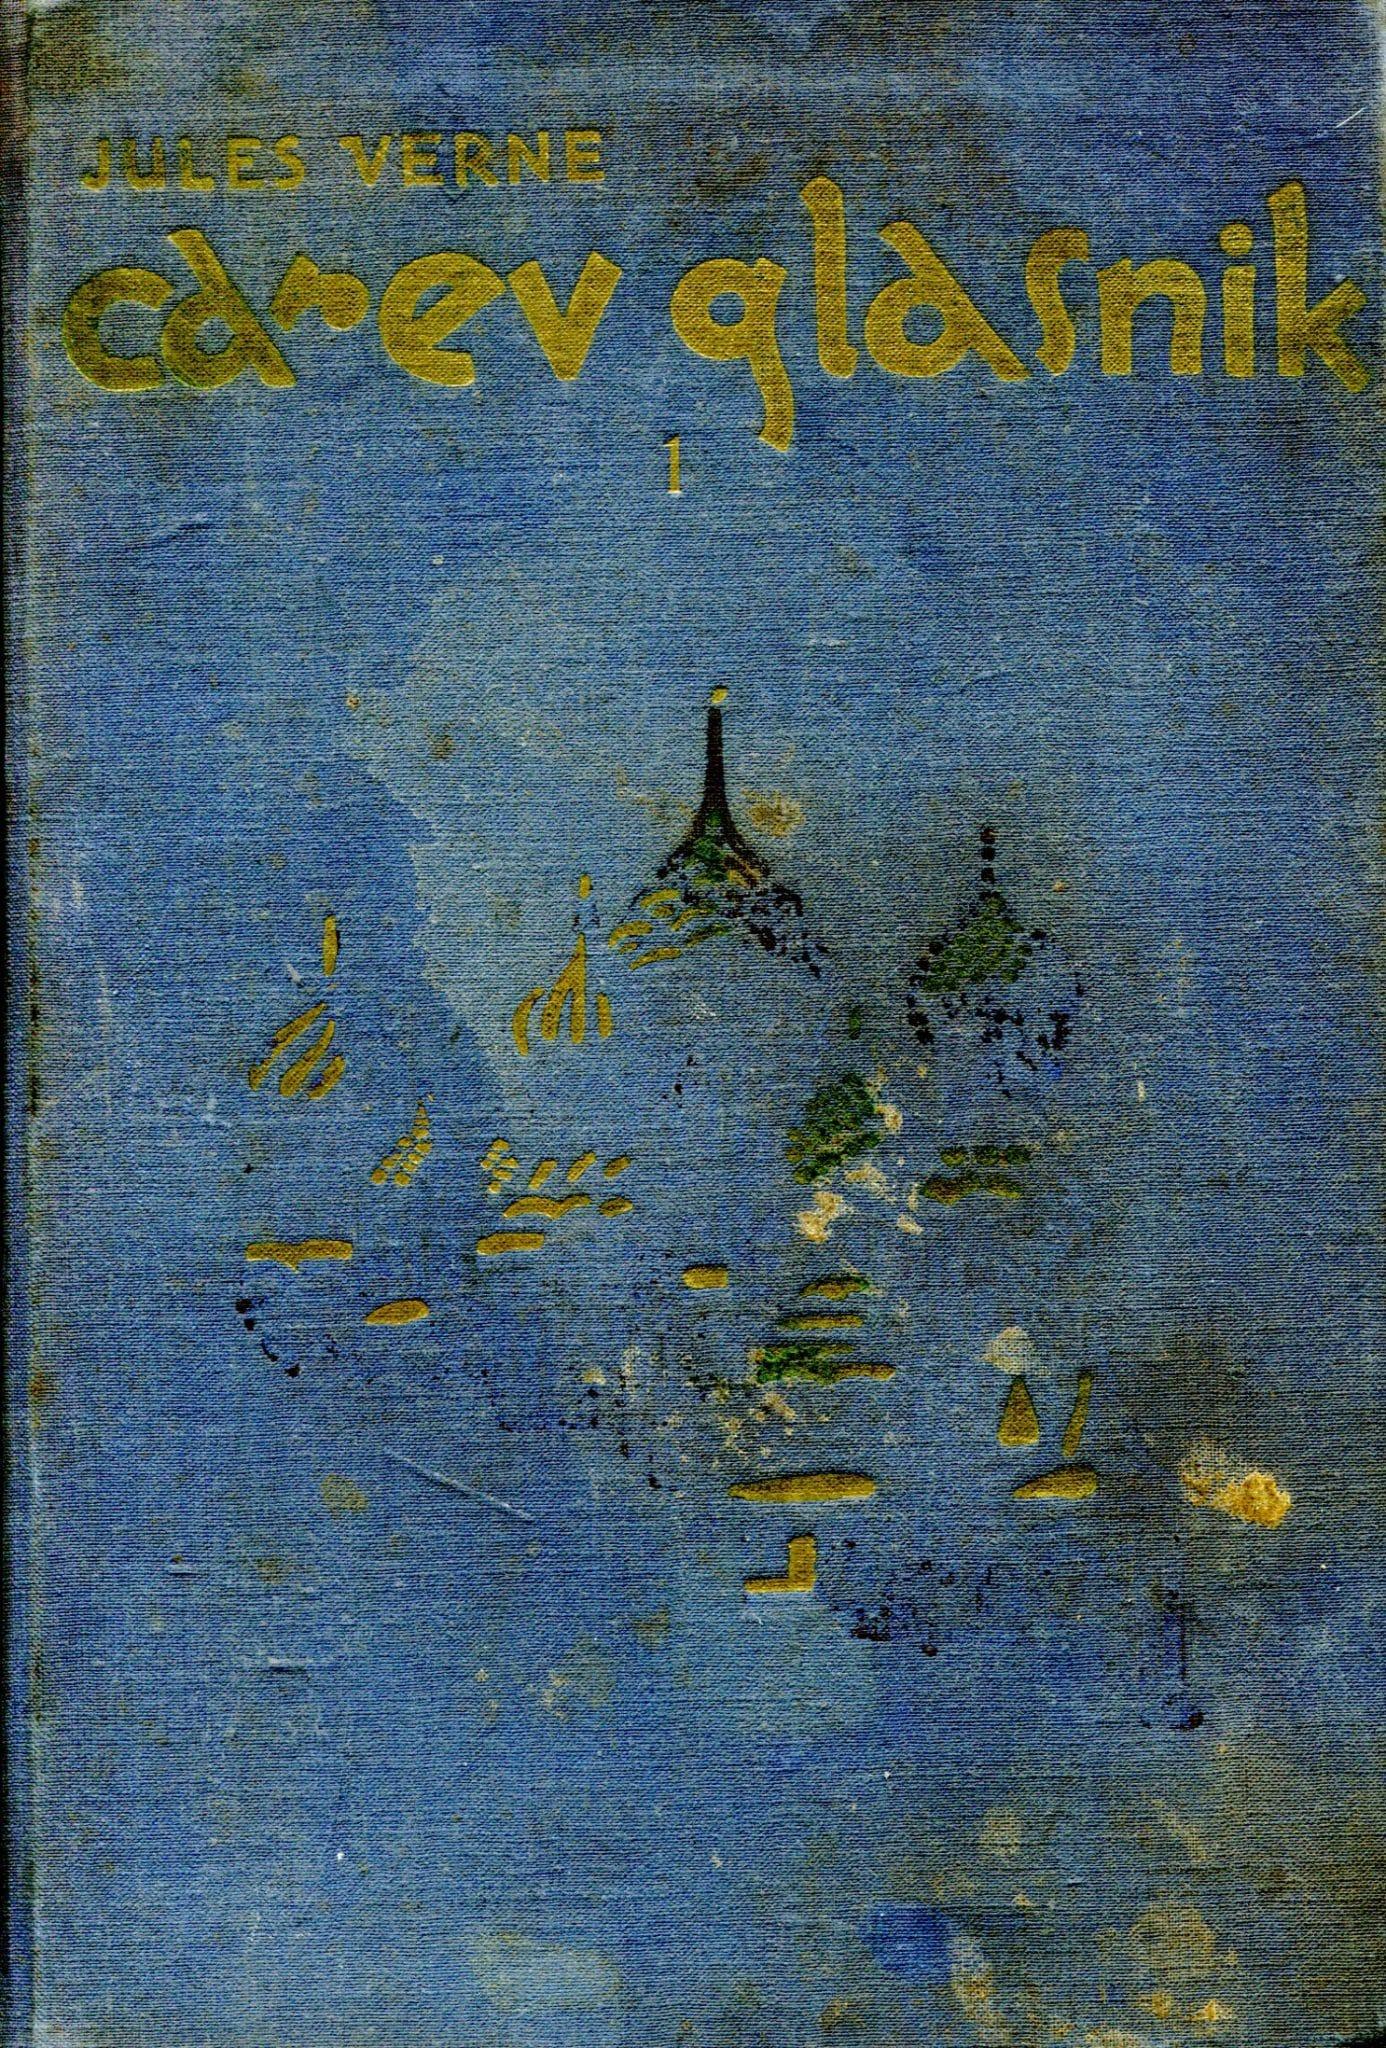 Carev glasnik 1 Verne Jules